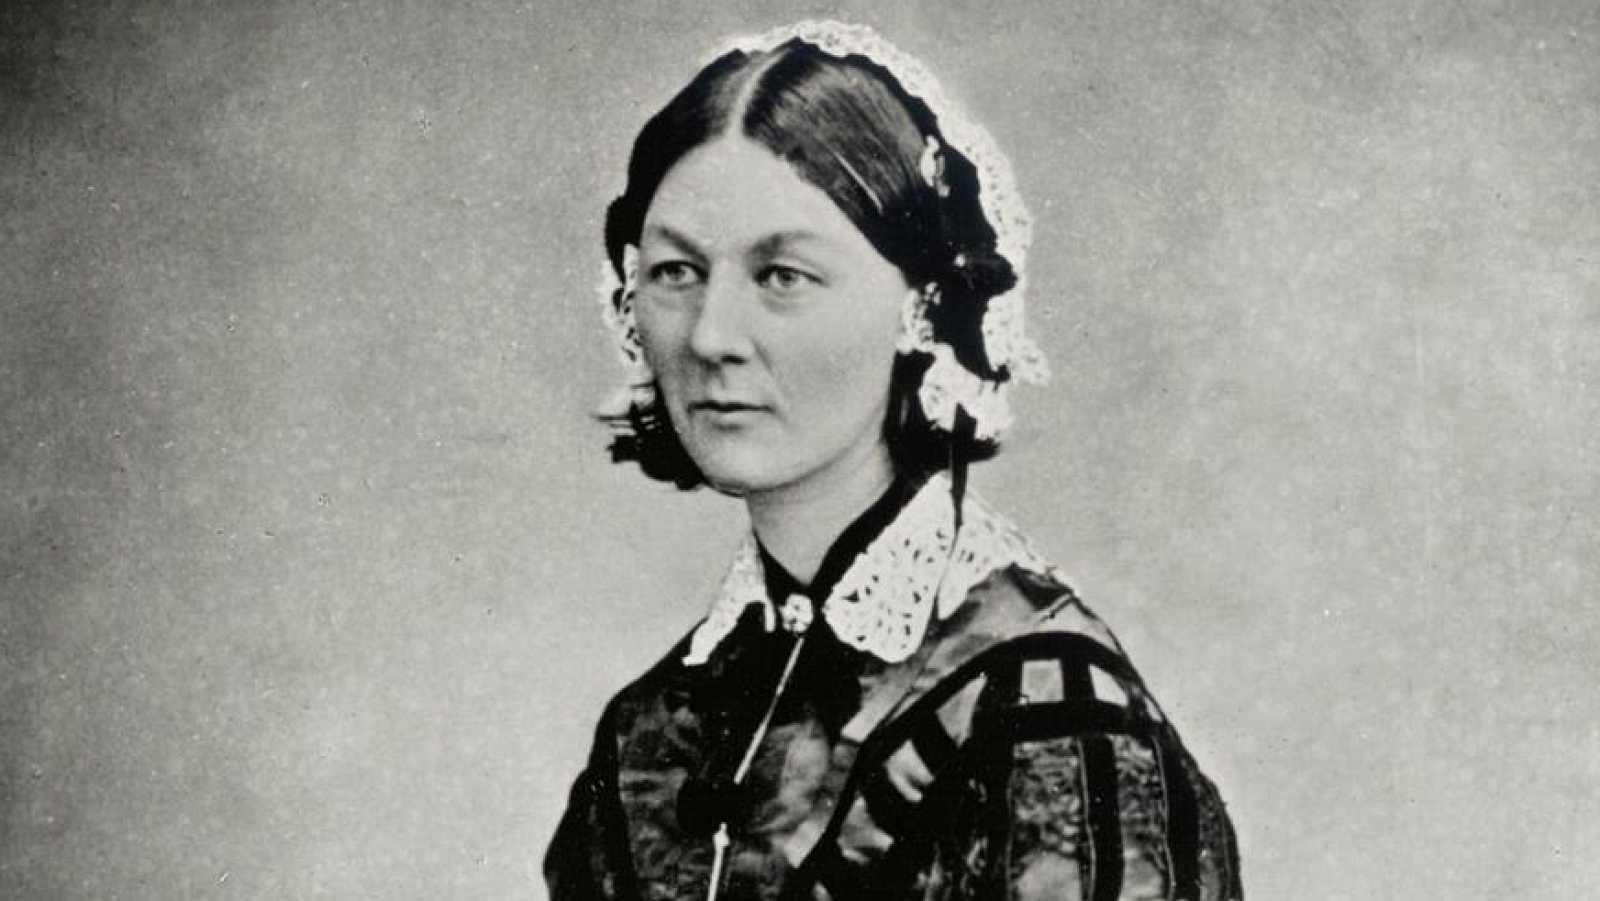 Documentos RNE - Florence Nightingale, creadora de la enfermería moderna - 31/01/20 - escuchar ahora